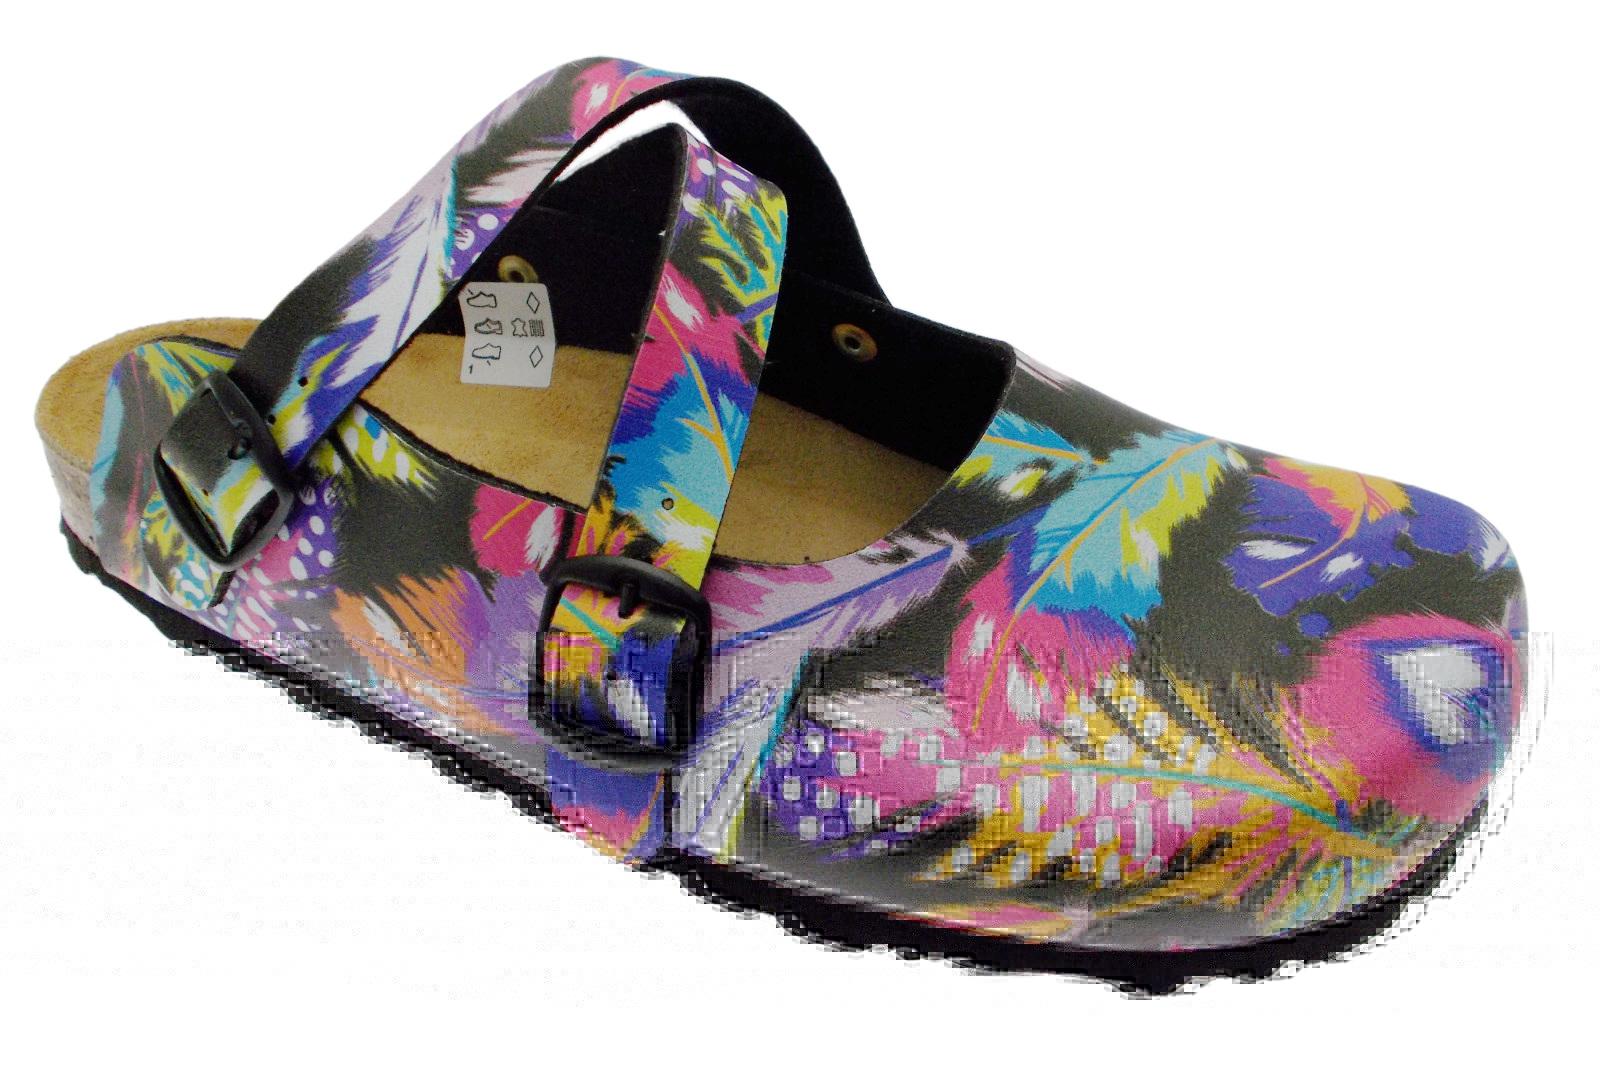 zapatos  RIPOSELLA Fantasía Fantasía RIPOSELLA anatómica Multicolor Zapatillas af2a59